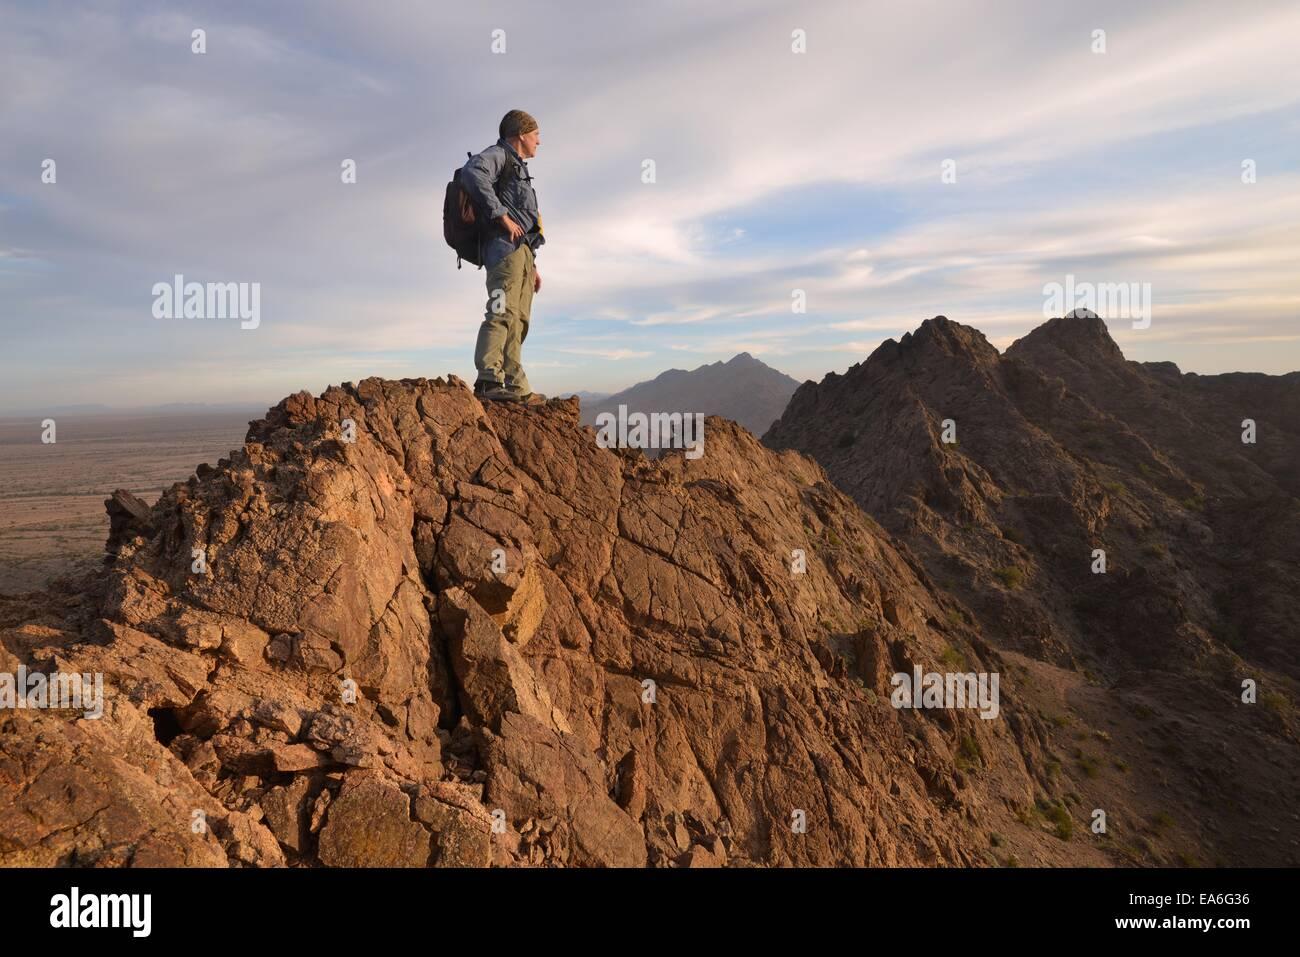 Stati Uniti d'America, Arizona, Mohawk montagne, scalatore sulla cima della montagna Immagini Stock